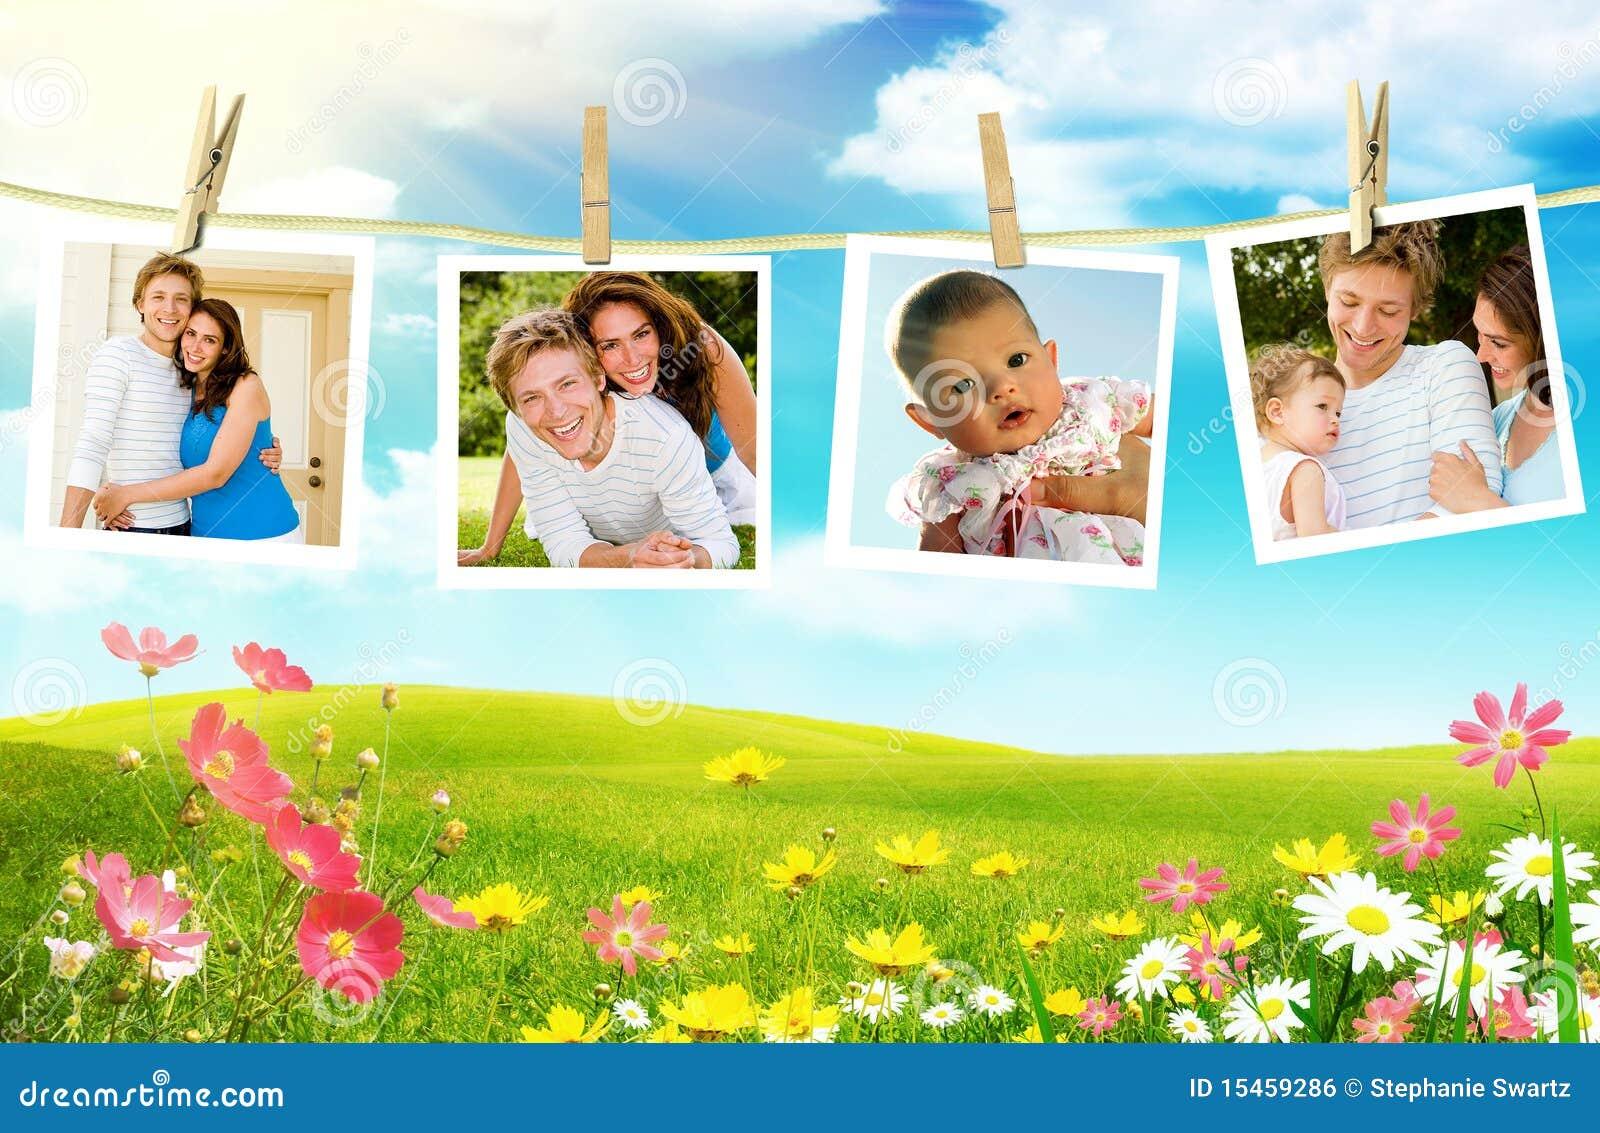 Young family photos